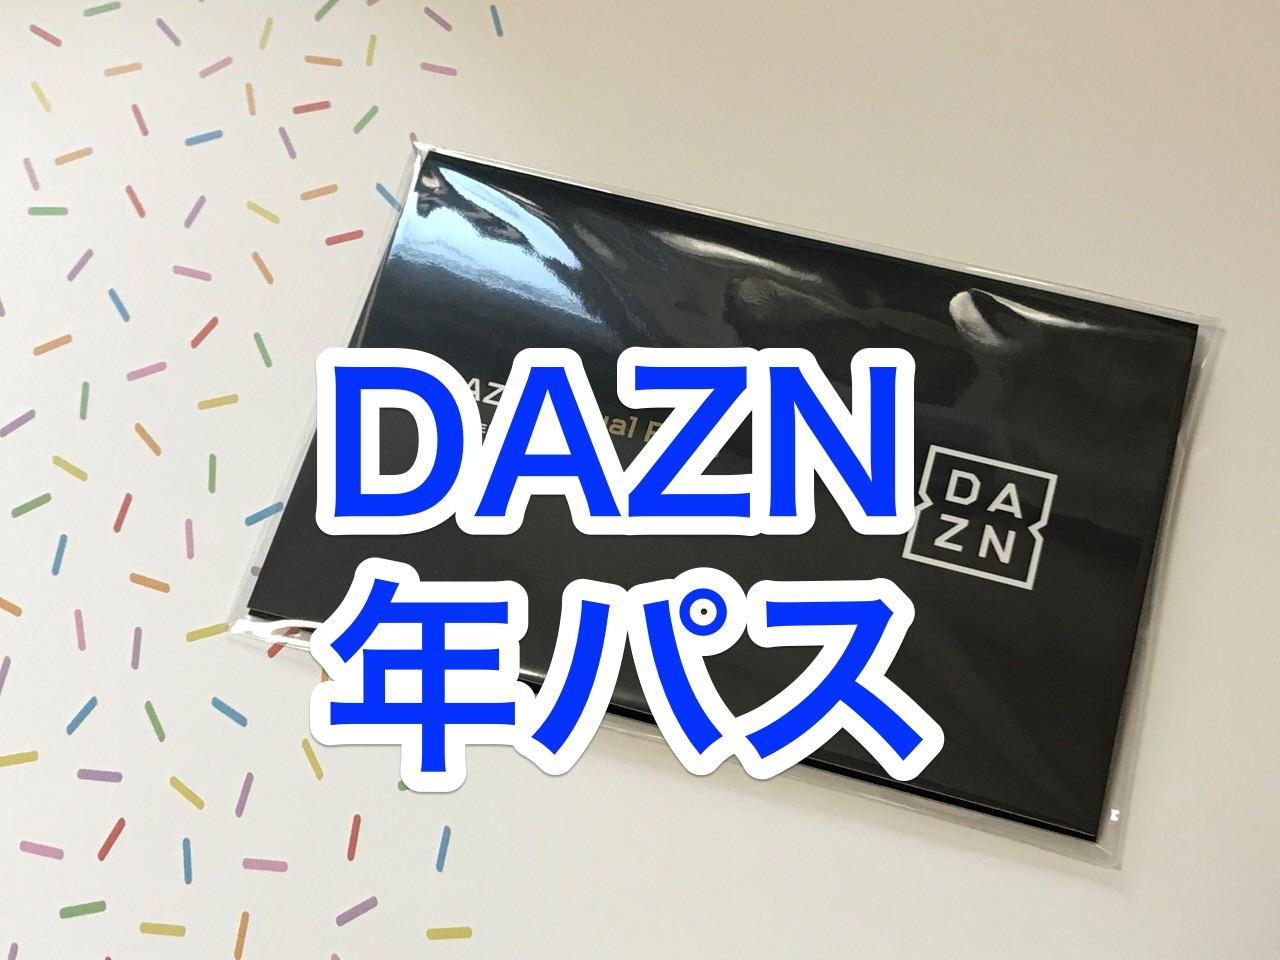 【DAZN】「DAZN年間視聴パス」専用コードの入力方法